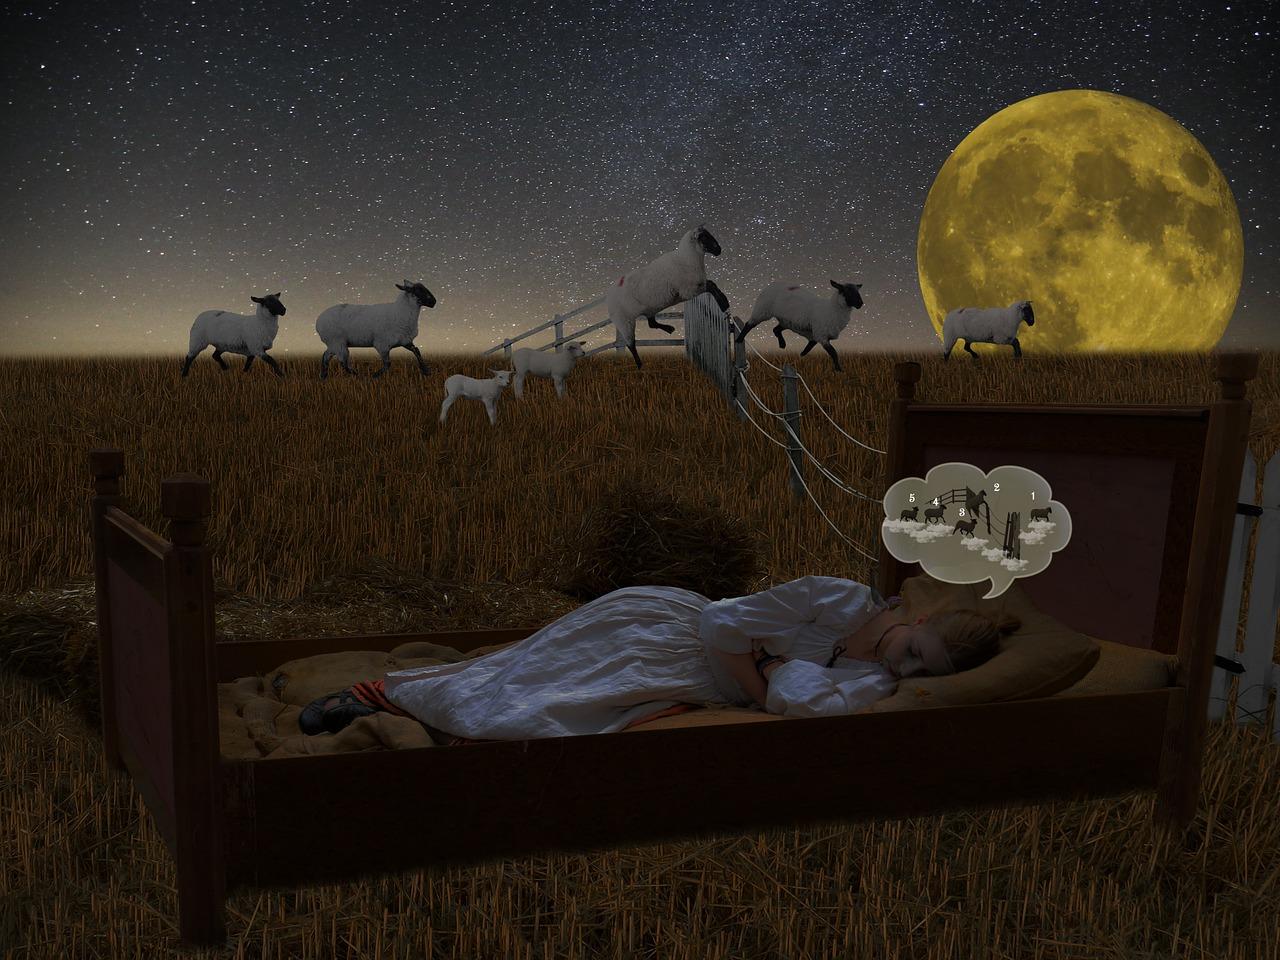 重度の睡眠障害を抱える私が「不眠症」について説明してみた